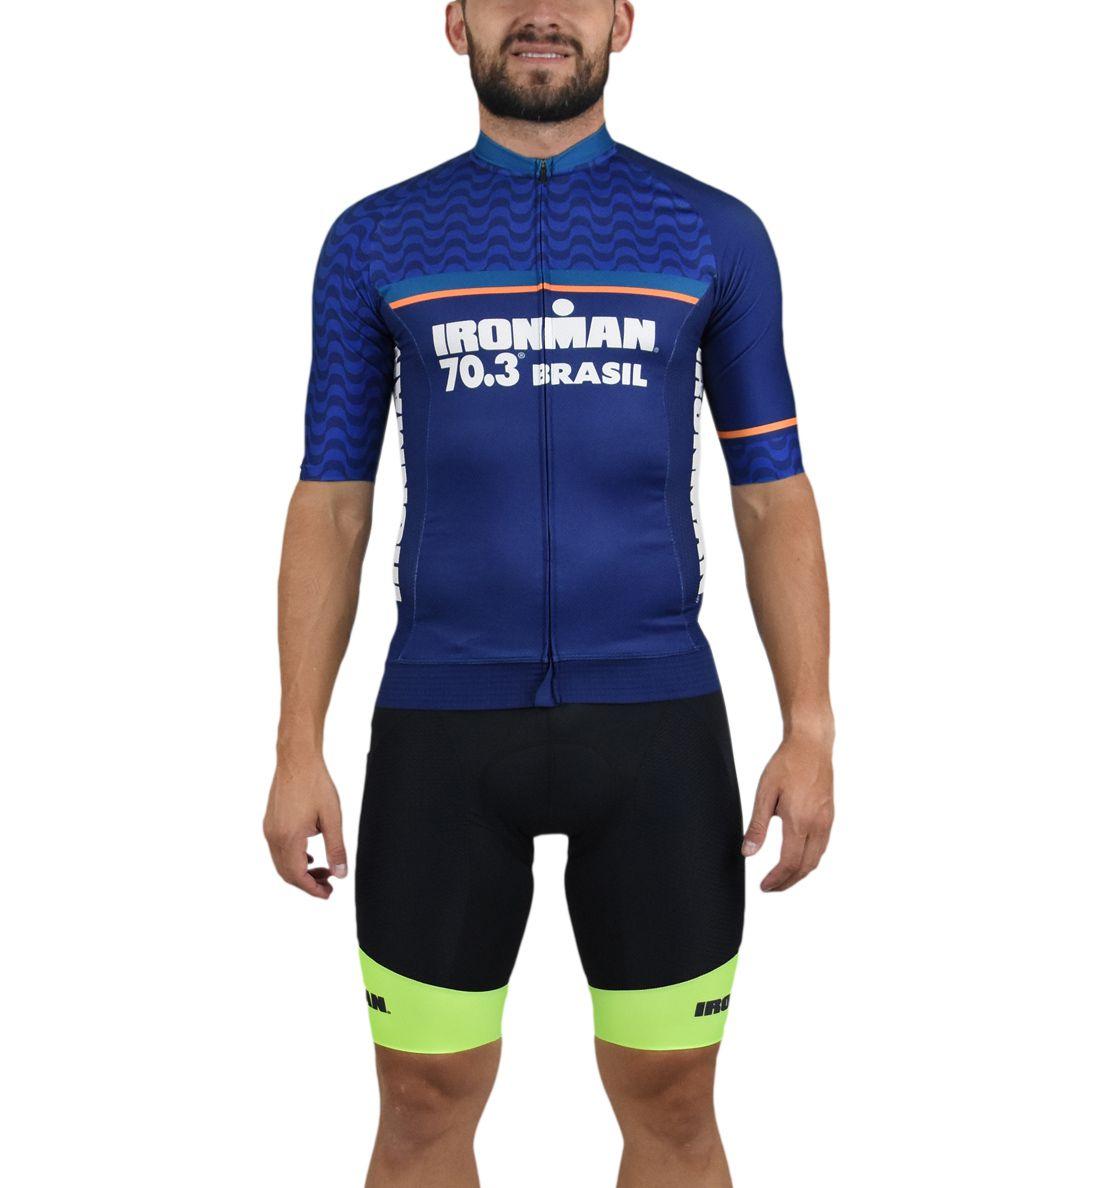 Camisa Ciclismo Rio de Janeiro - Masc - Ironman - Woom